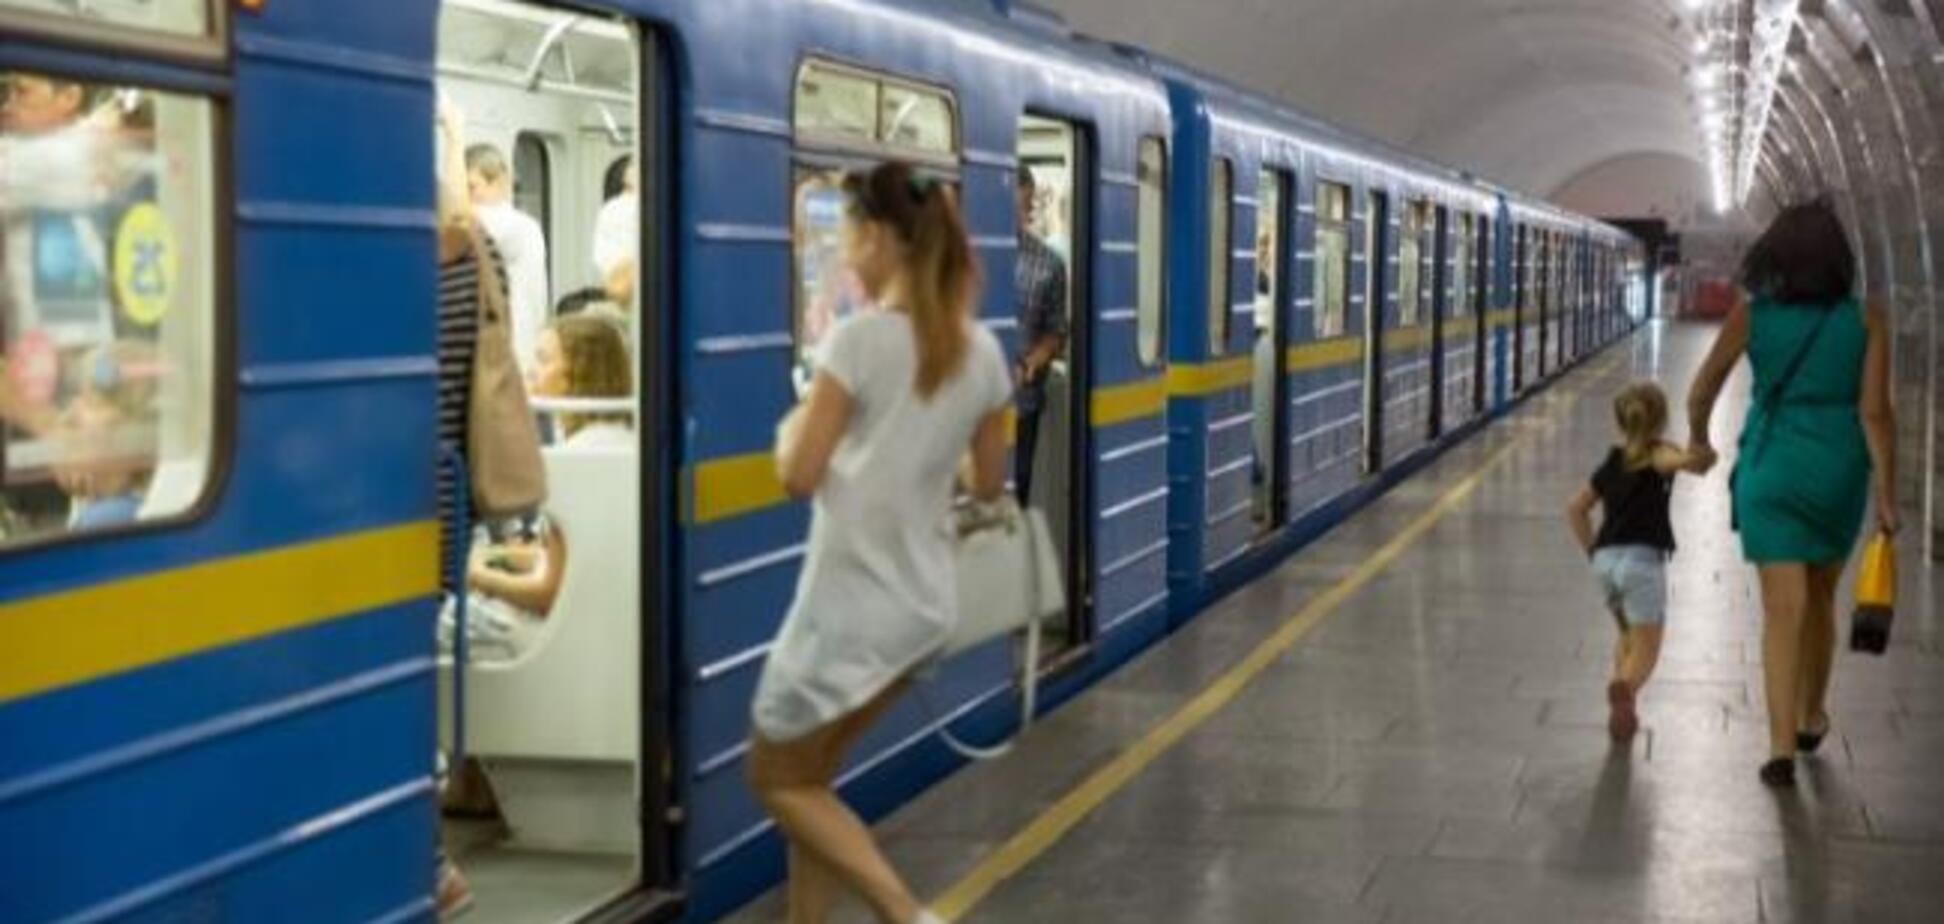 Киеву грозит транспортный коллапс? Метрополитен оказался на грани разорения